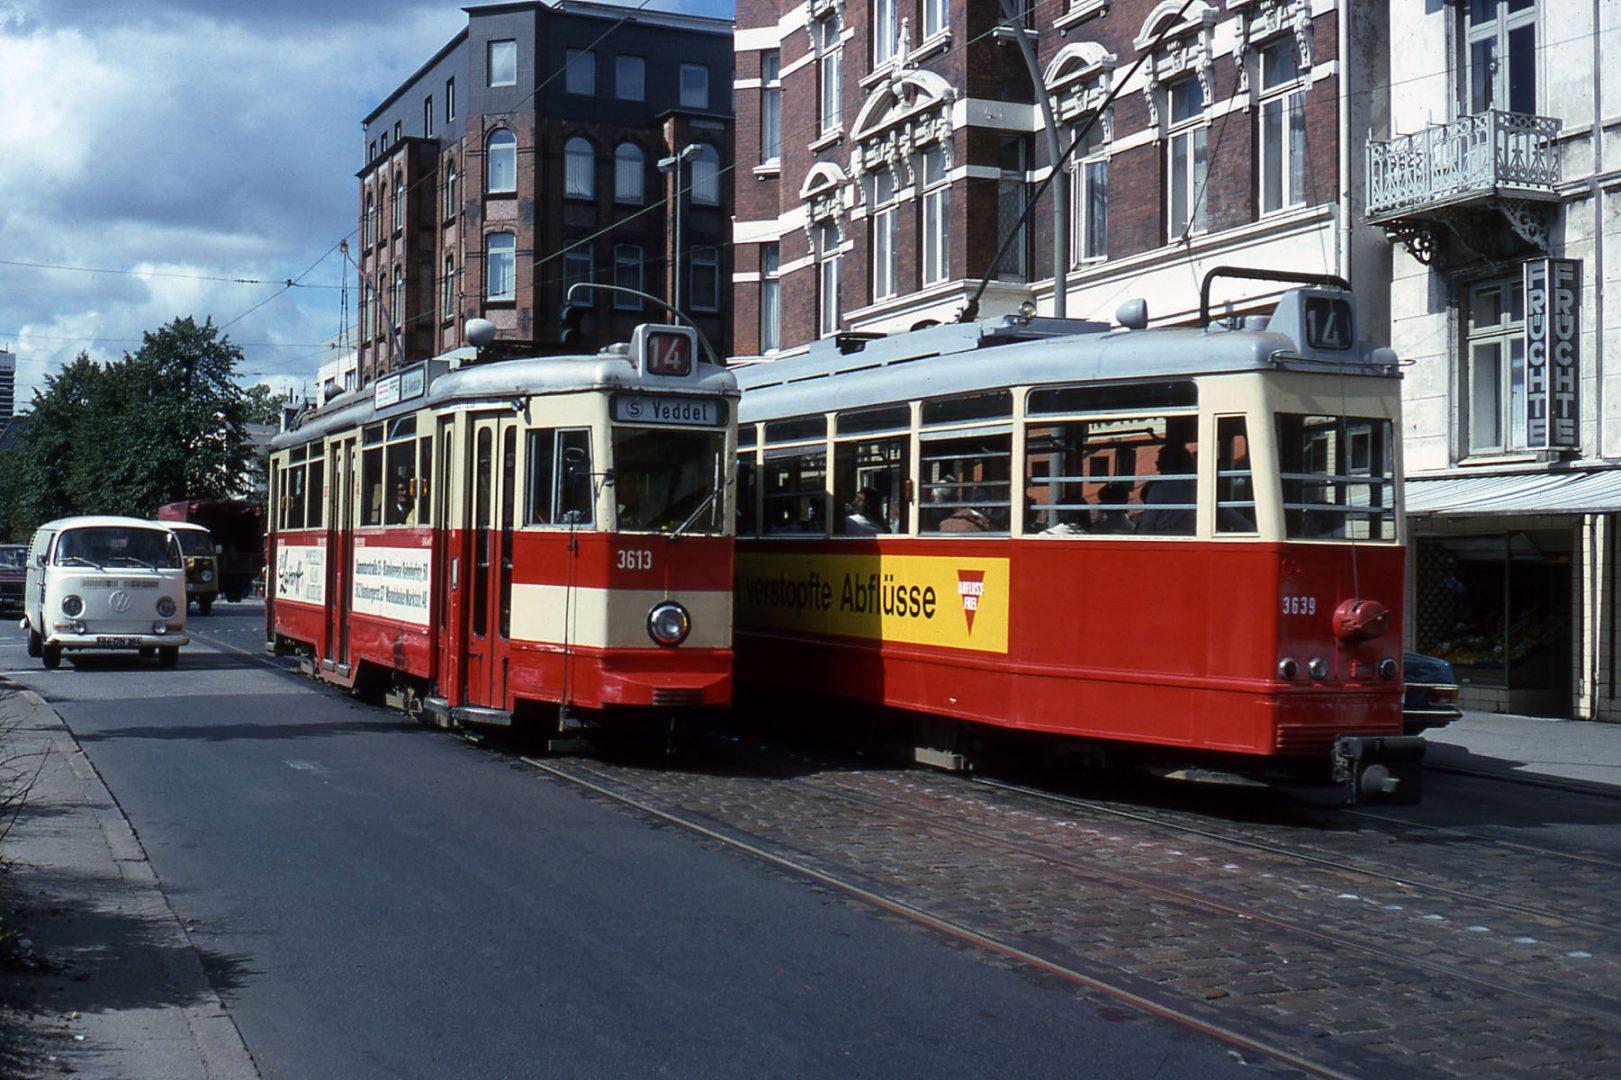 Zwei Triebwagen vom Typ V6 begegnen sich auf der Linie 14 in der Straße Landwehr nahe der Kreuzung mit der Wandsbeker Chaussee. - (cc) Voogd075